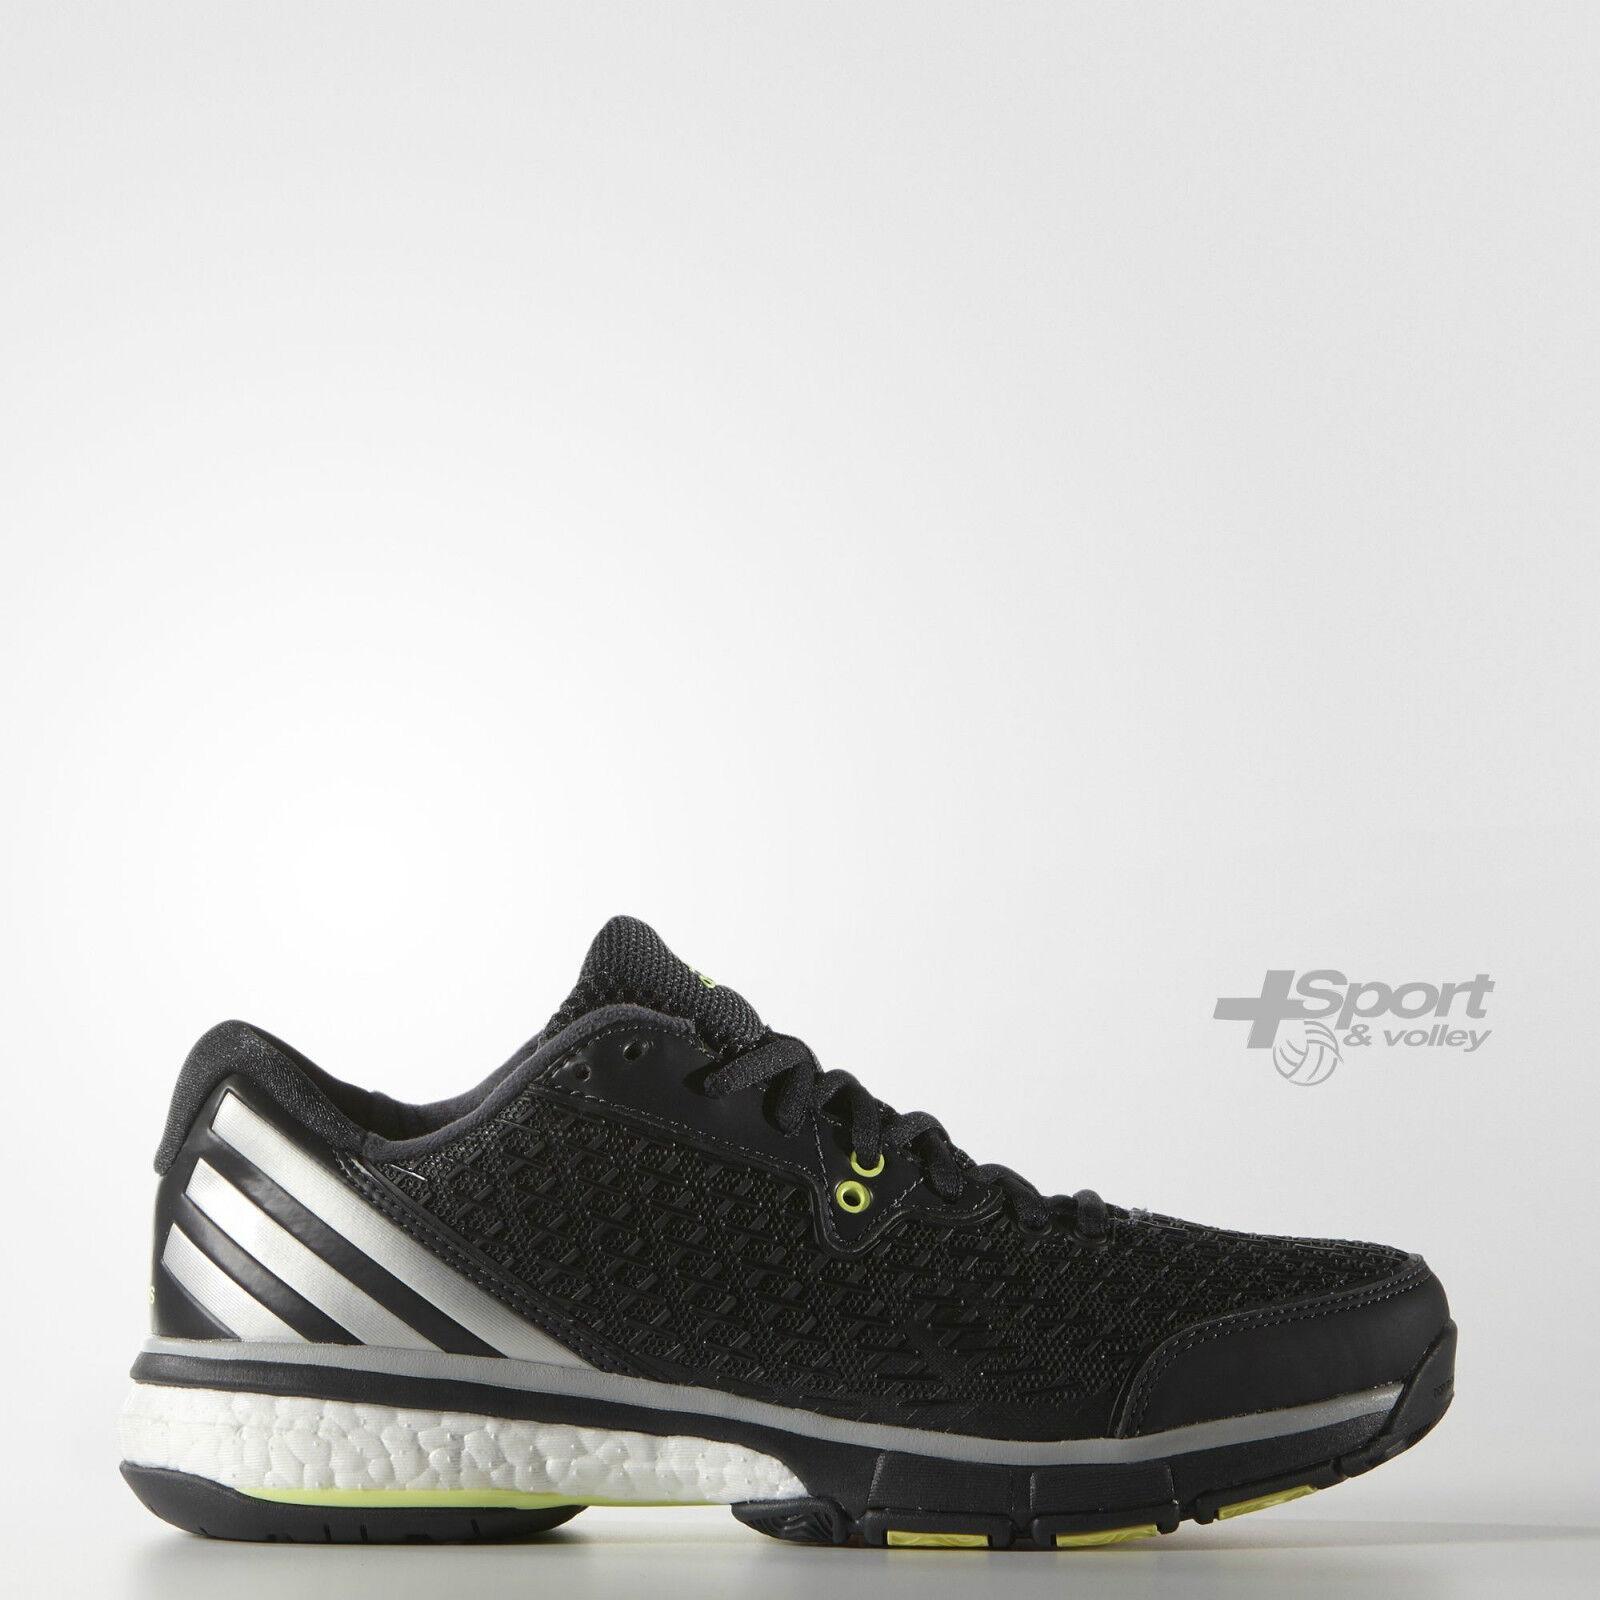 Chaussure volley Adidas energy boost 2.0 Frau B34722 Rutschfest